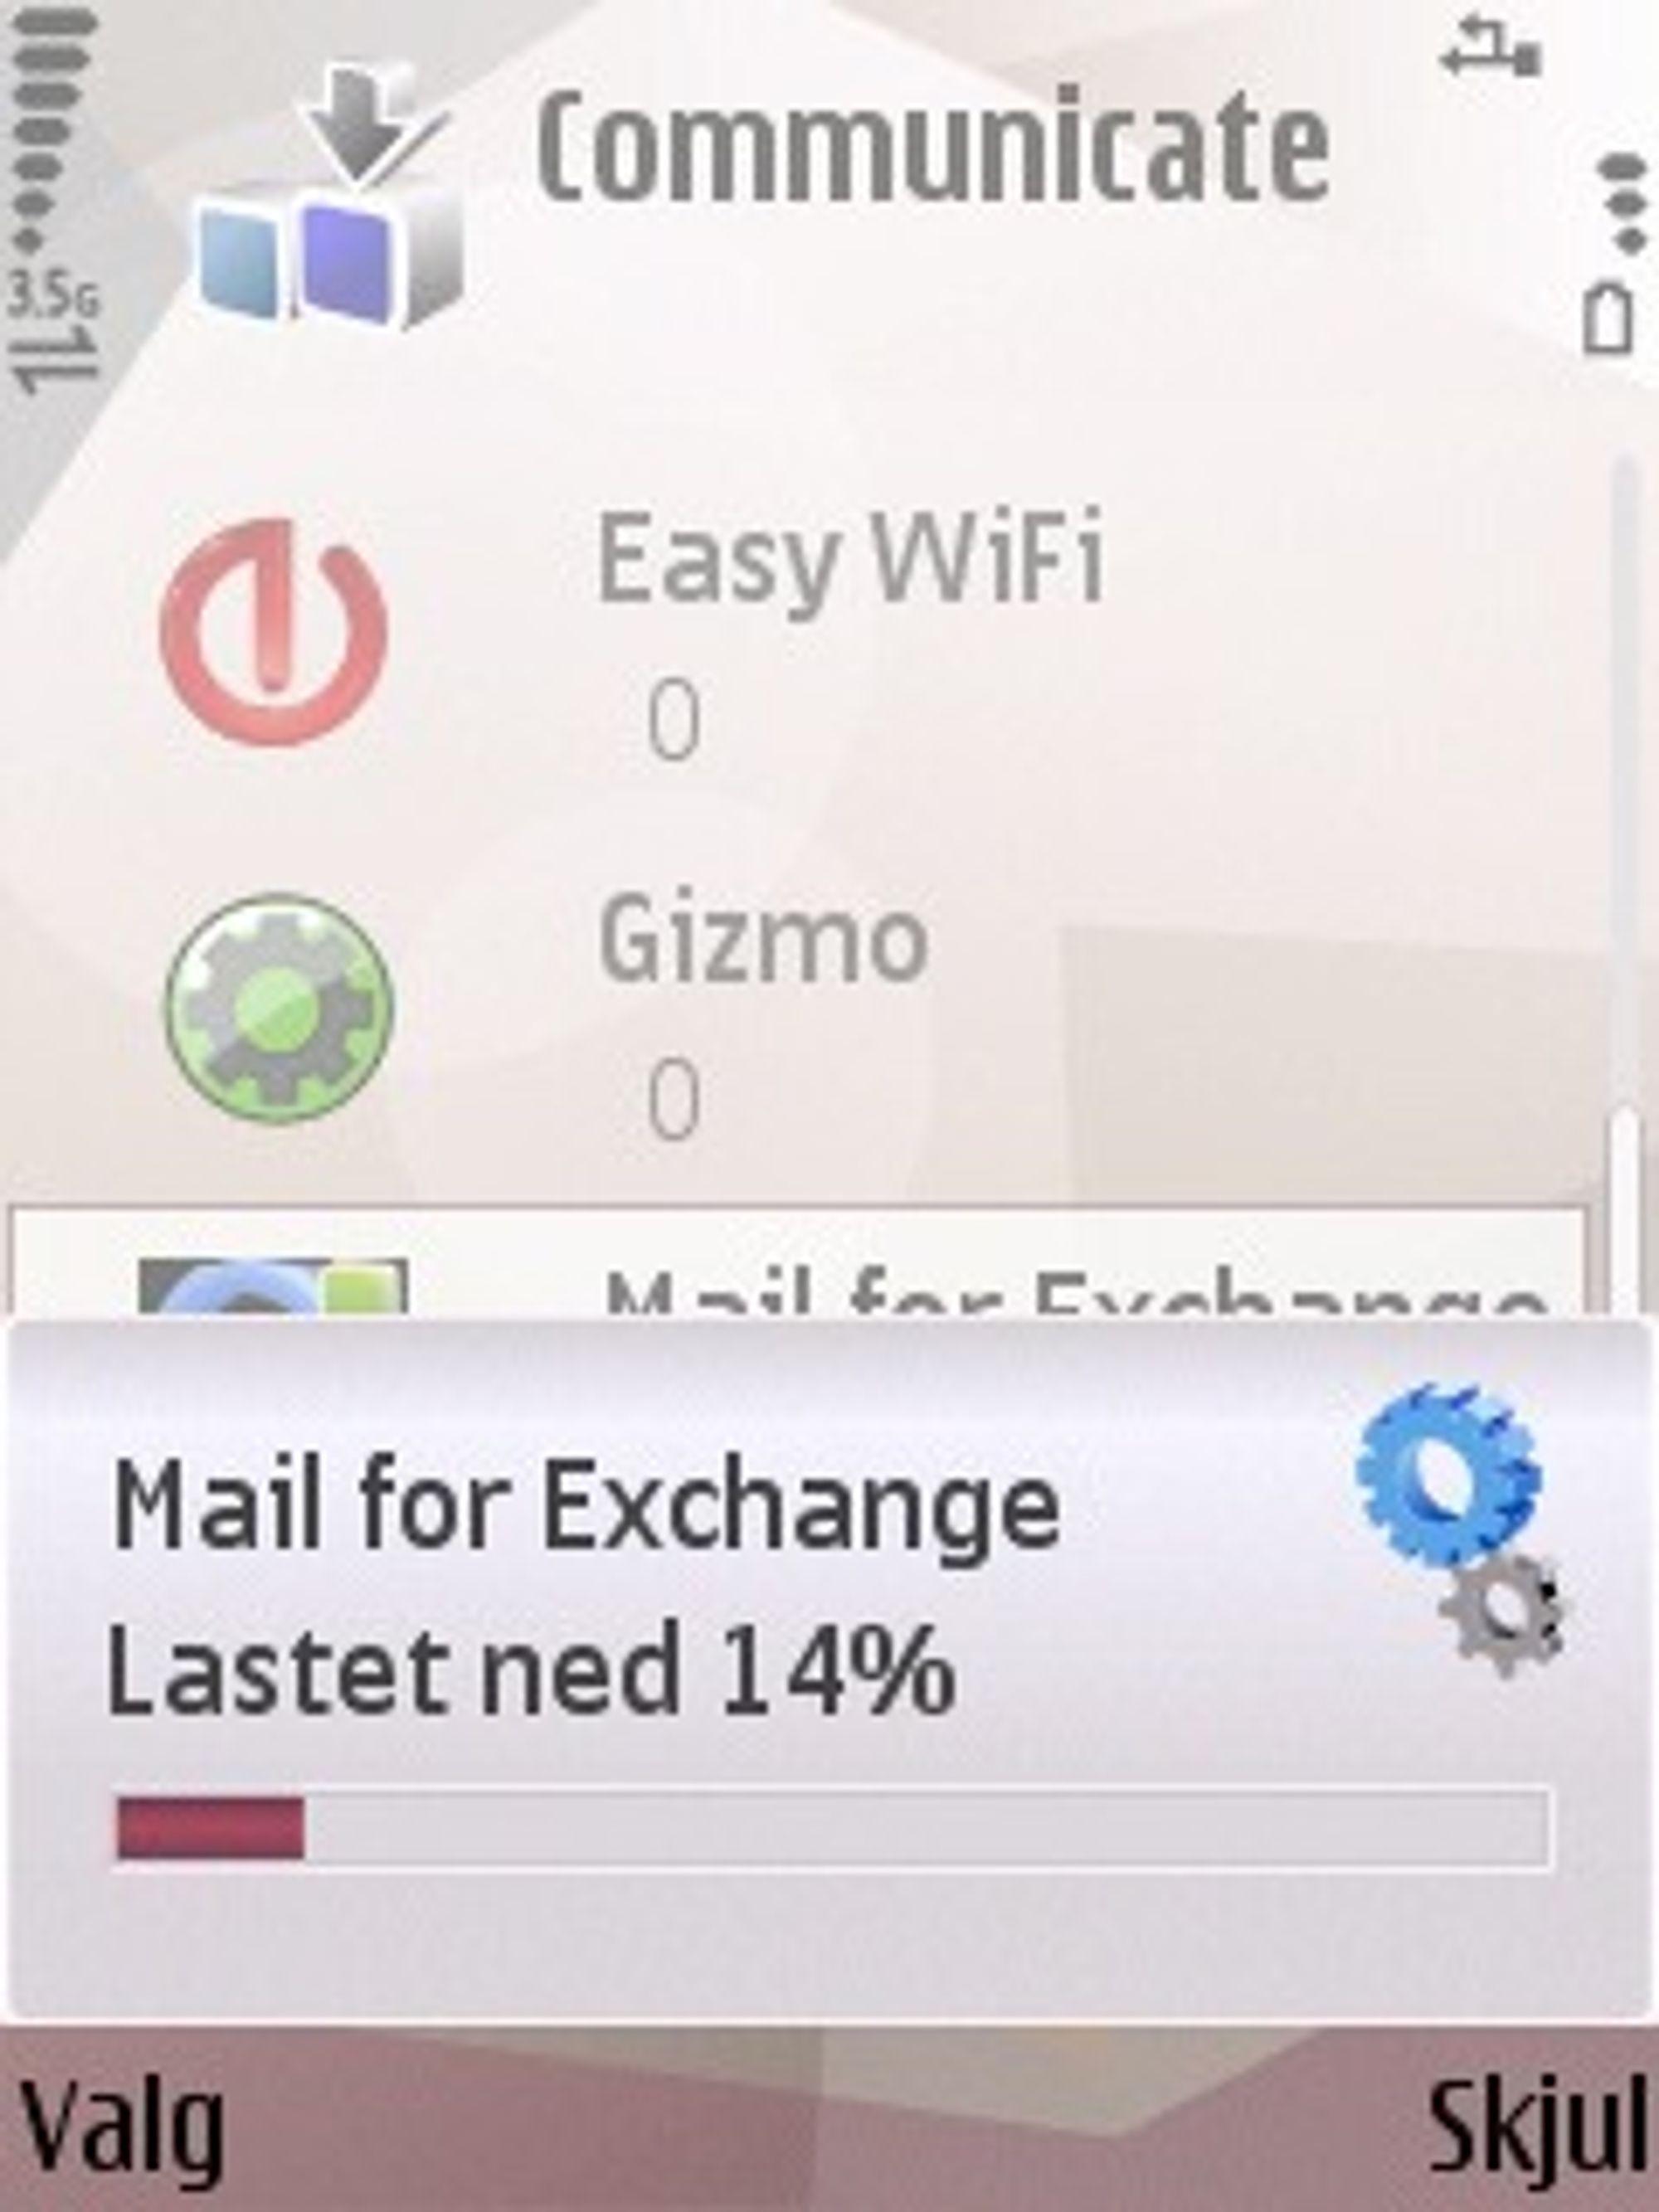 Nedlasting av Mail for Exchange fra Nokia.